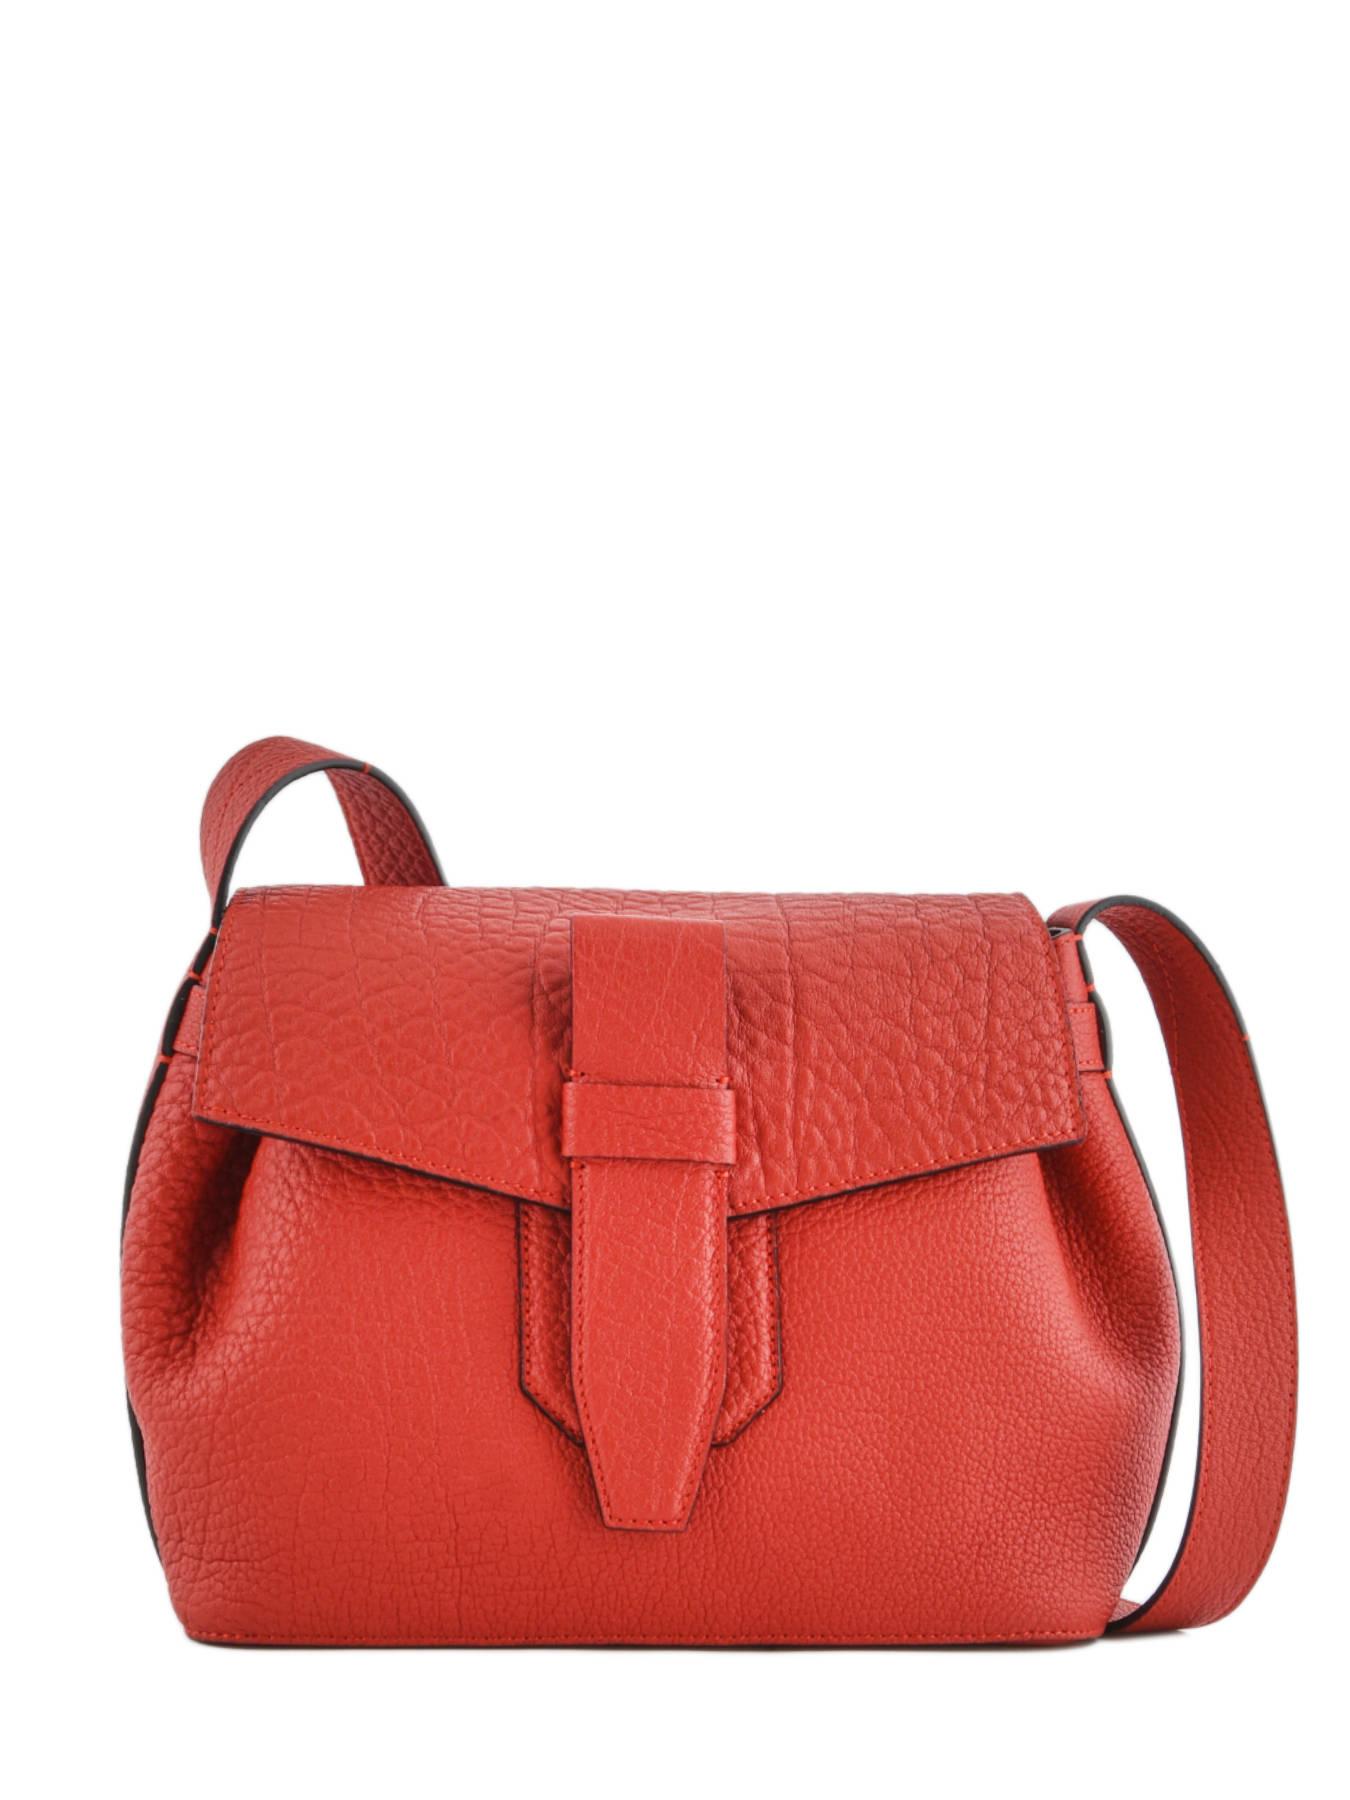 e617c1fb9e91 ... Shoulder Bag Charlie Leather Lancel Red charlie A06839 ...